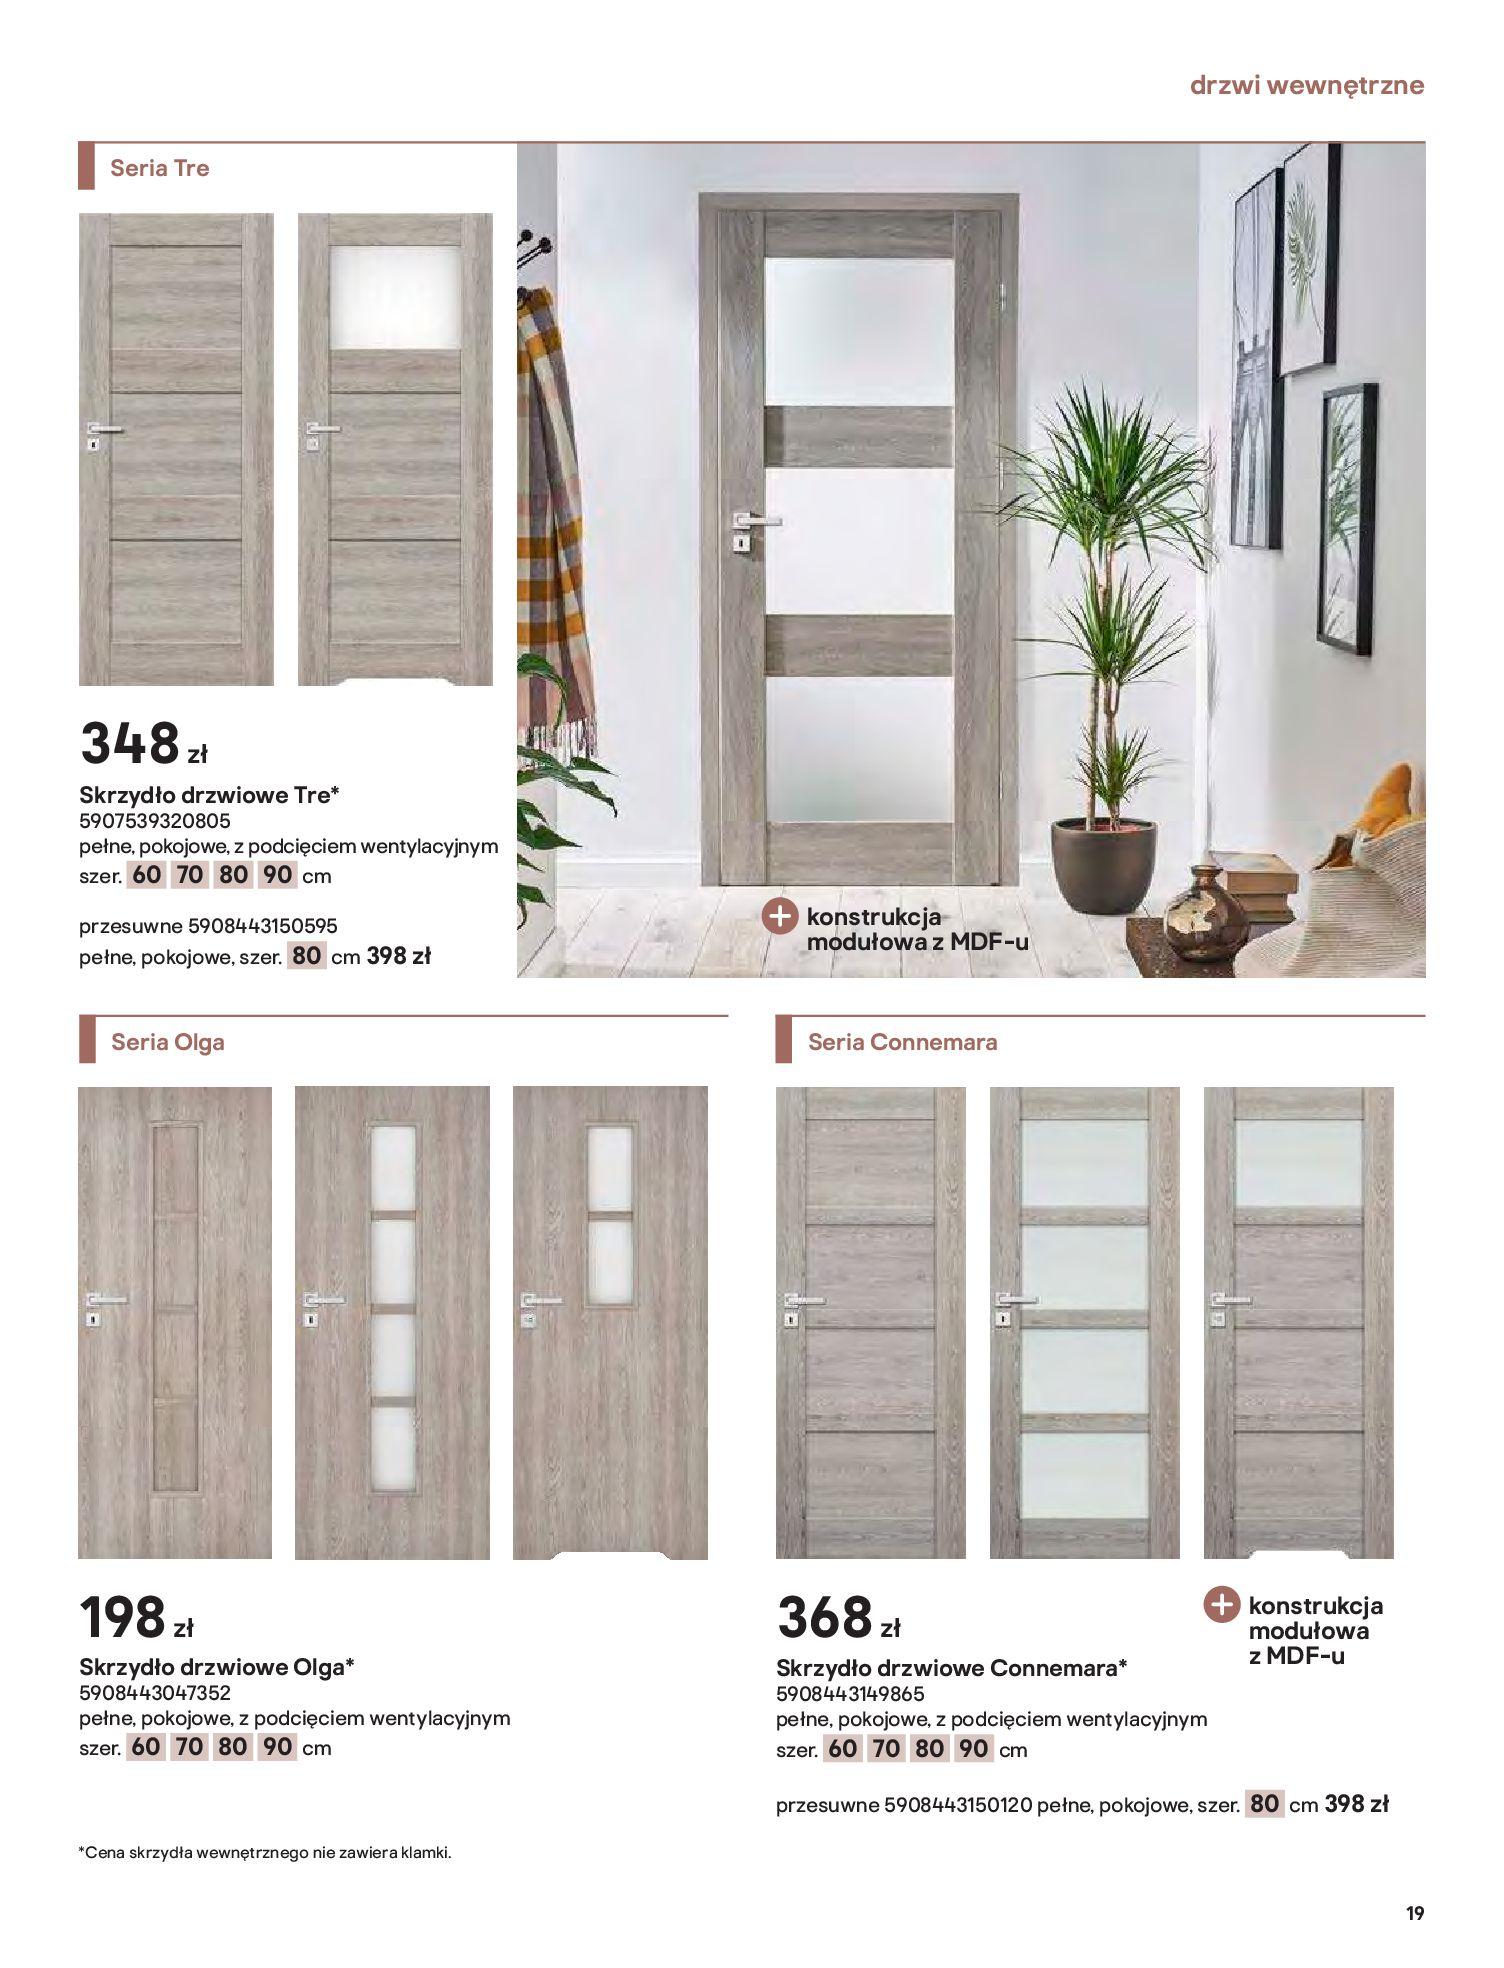 Gazetka Castorama: Gazetka Castorama - Przewodnik drzwi i podłogi 2021 2021-08-11 page-19